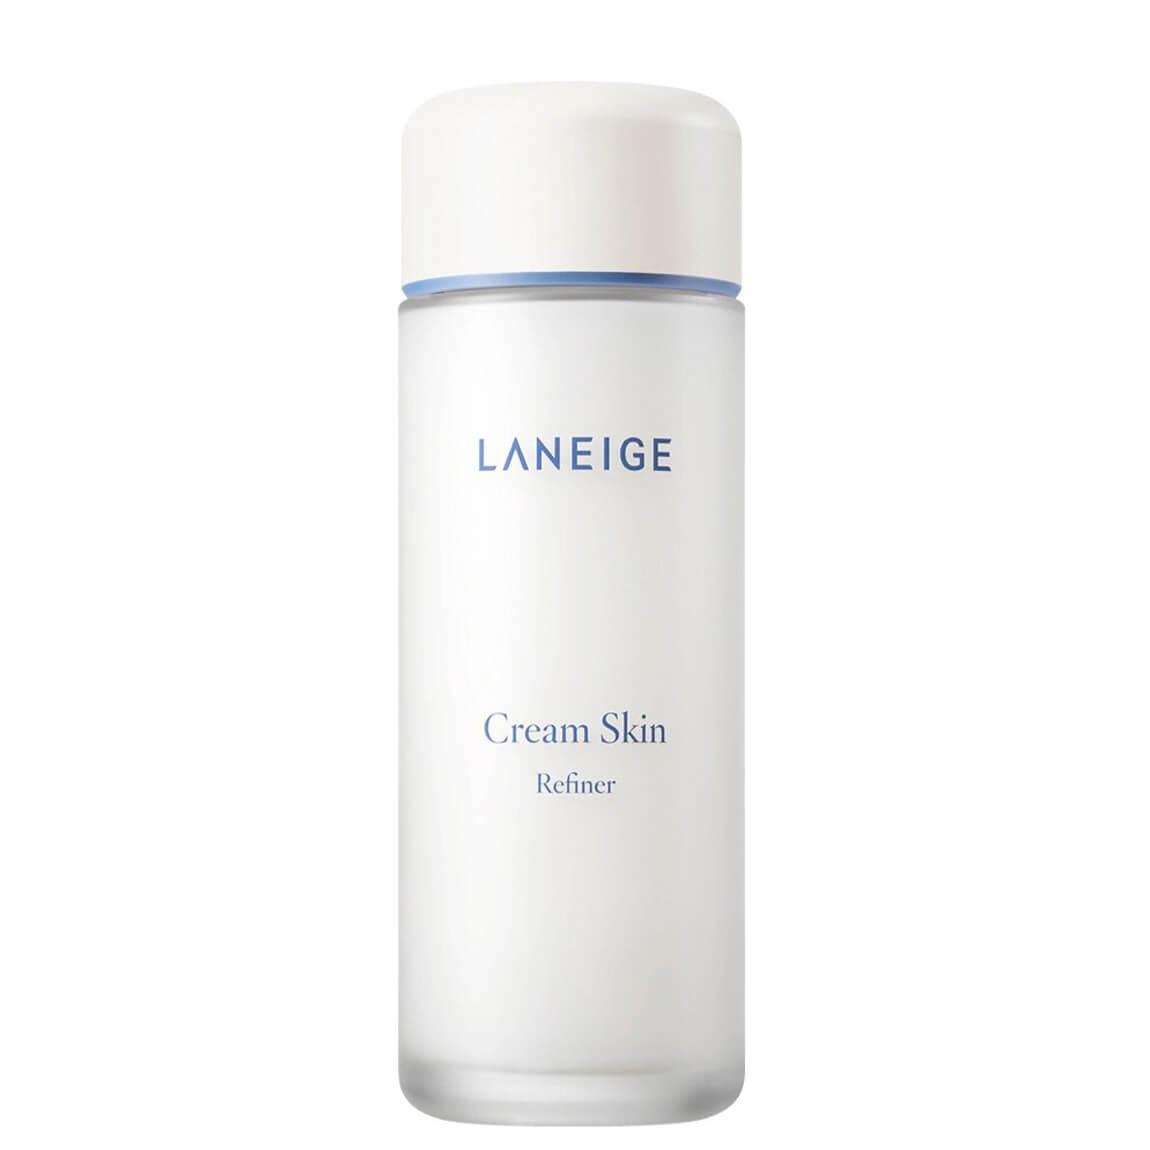 Laneige Cream Skin Refiner 150ml